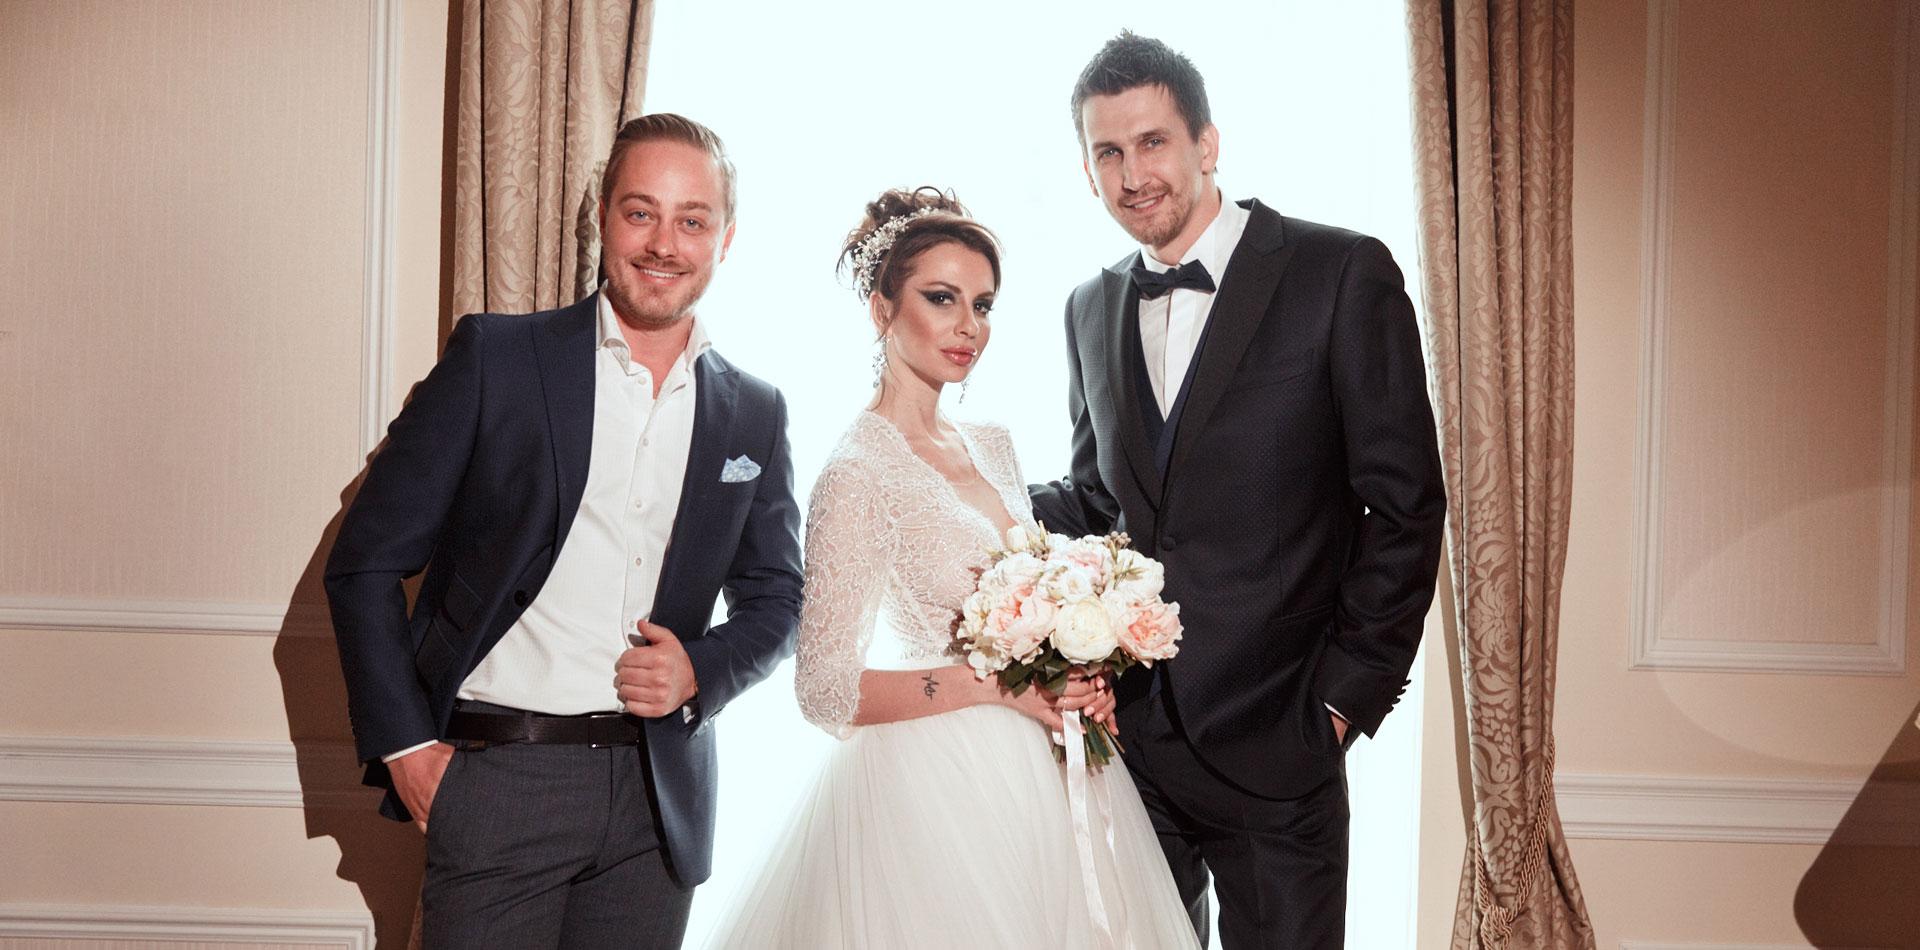 Пионовая свадьба. Свадьба Анны Грачевской и Артема Кузякина фото 8